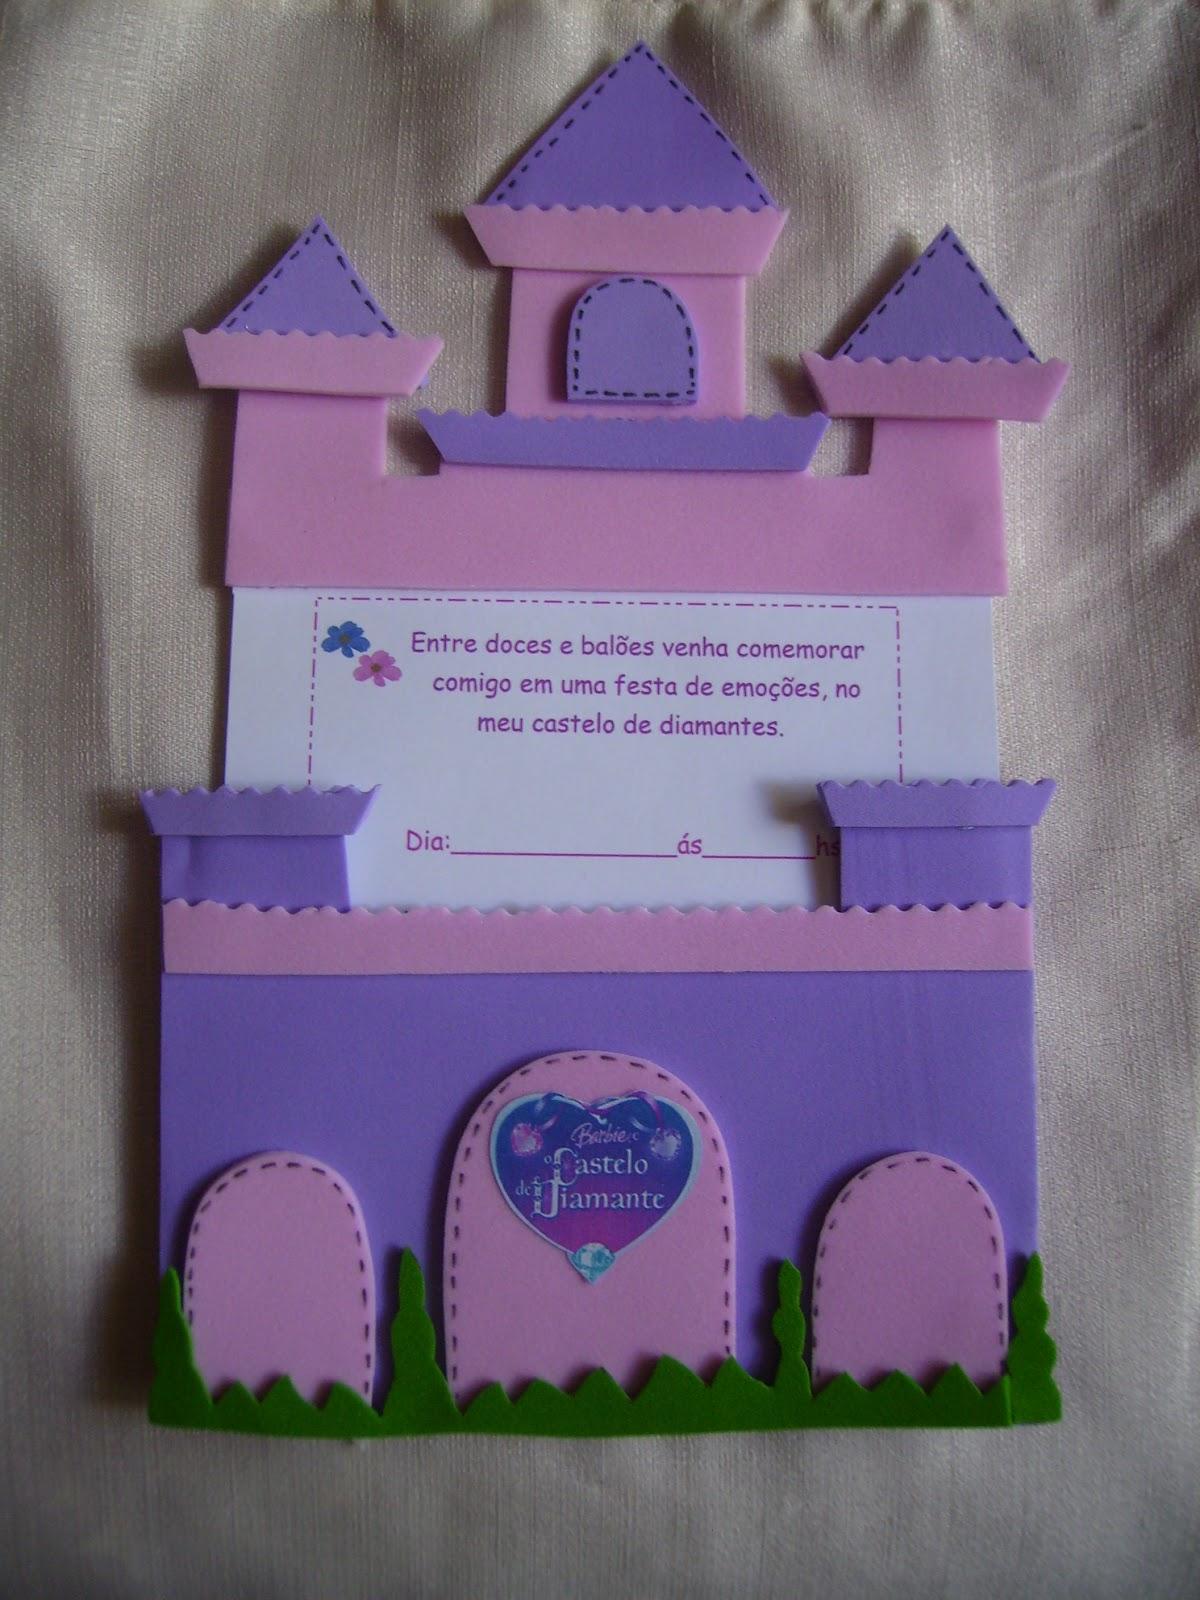 Adoram A Barbie  T   A   Uma Op    O De Convite  O Castelo Diamante